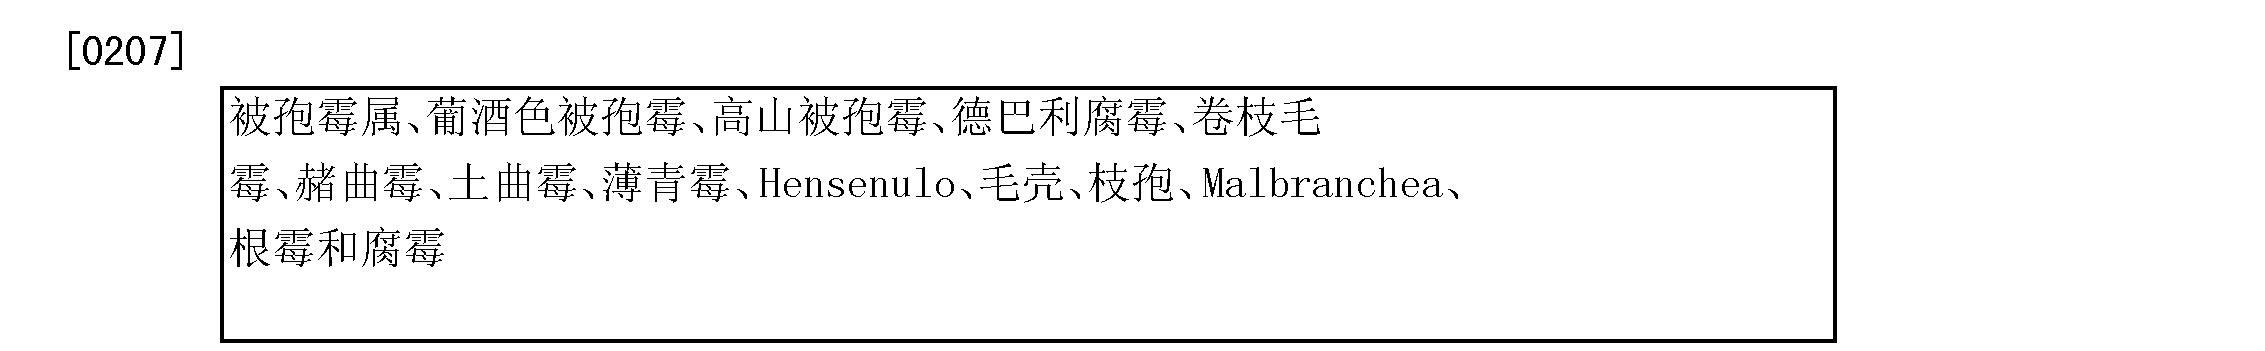 Figure CN101765661BD00282